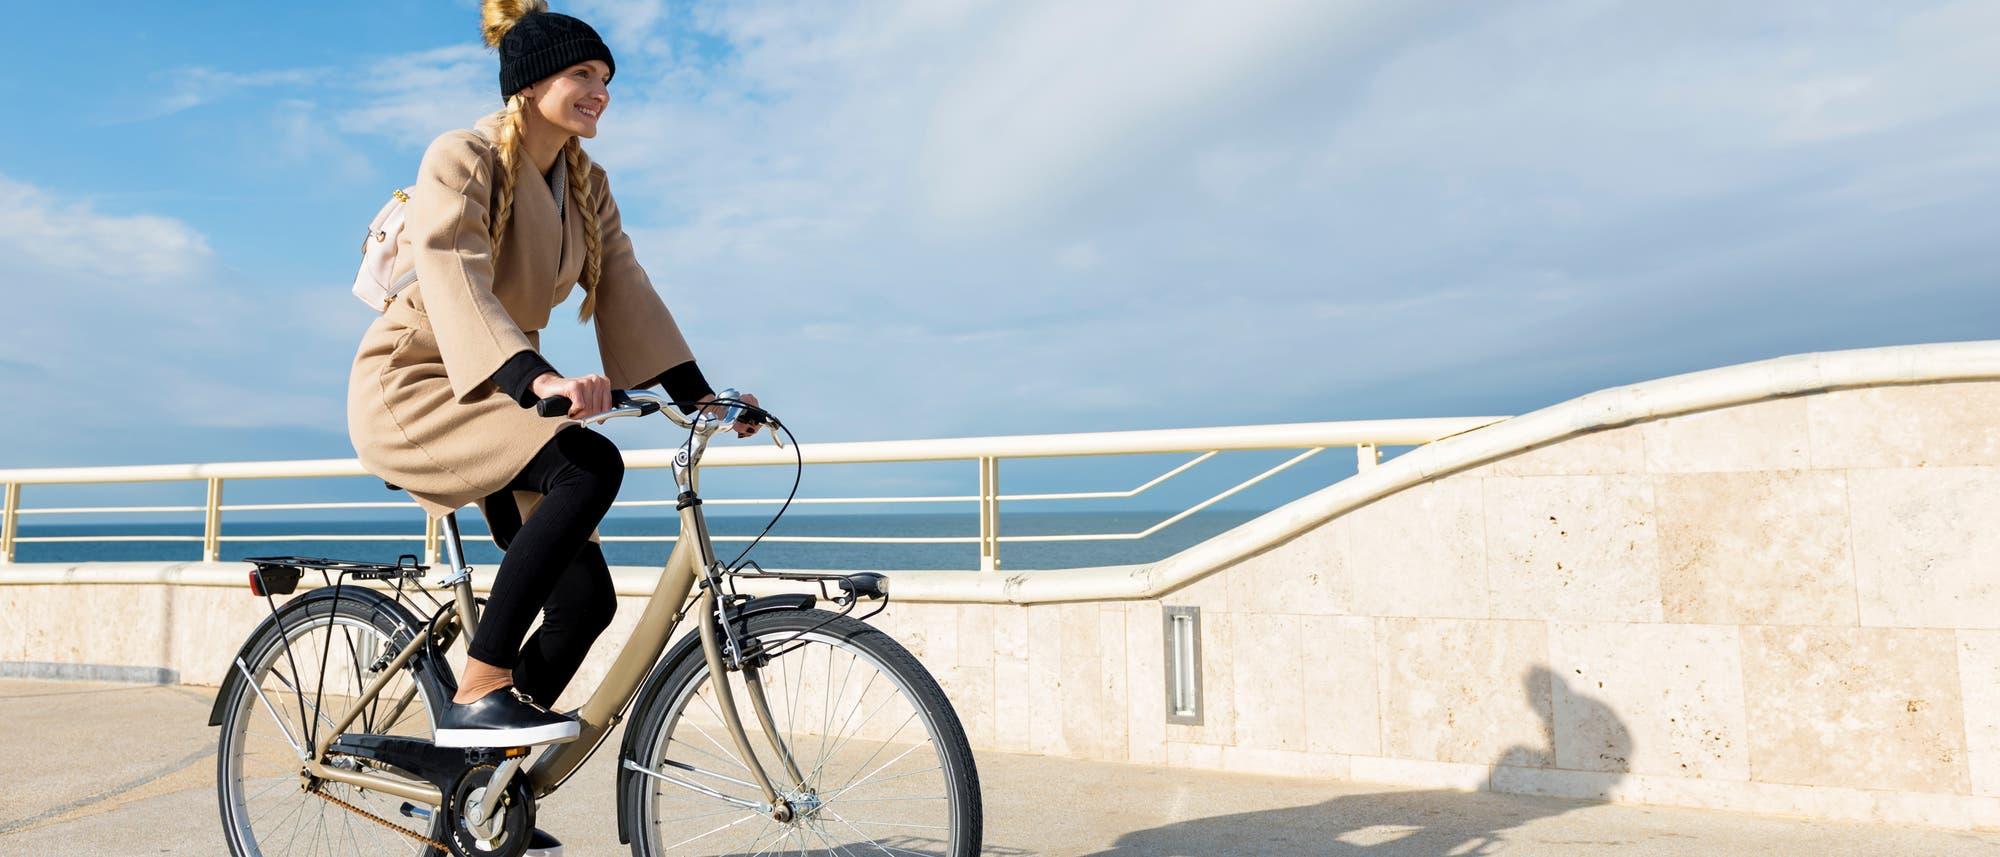 Eine Frau in einem braunen Mantel fährt an einer Strandpromenade Fahrrad.